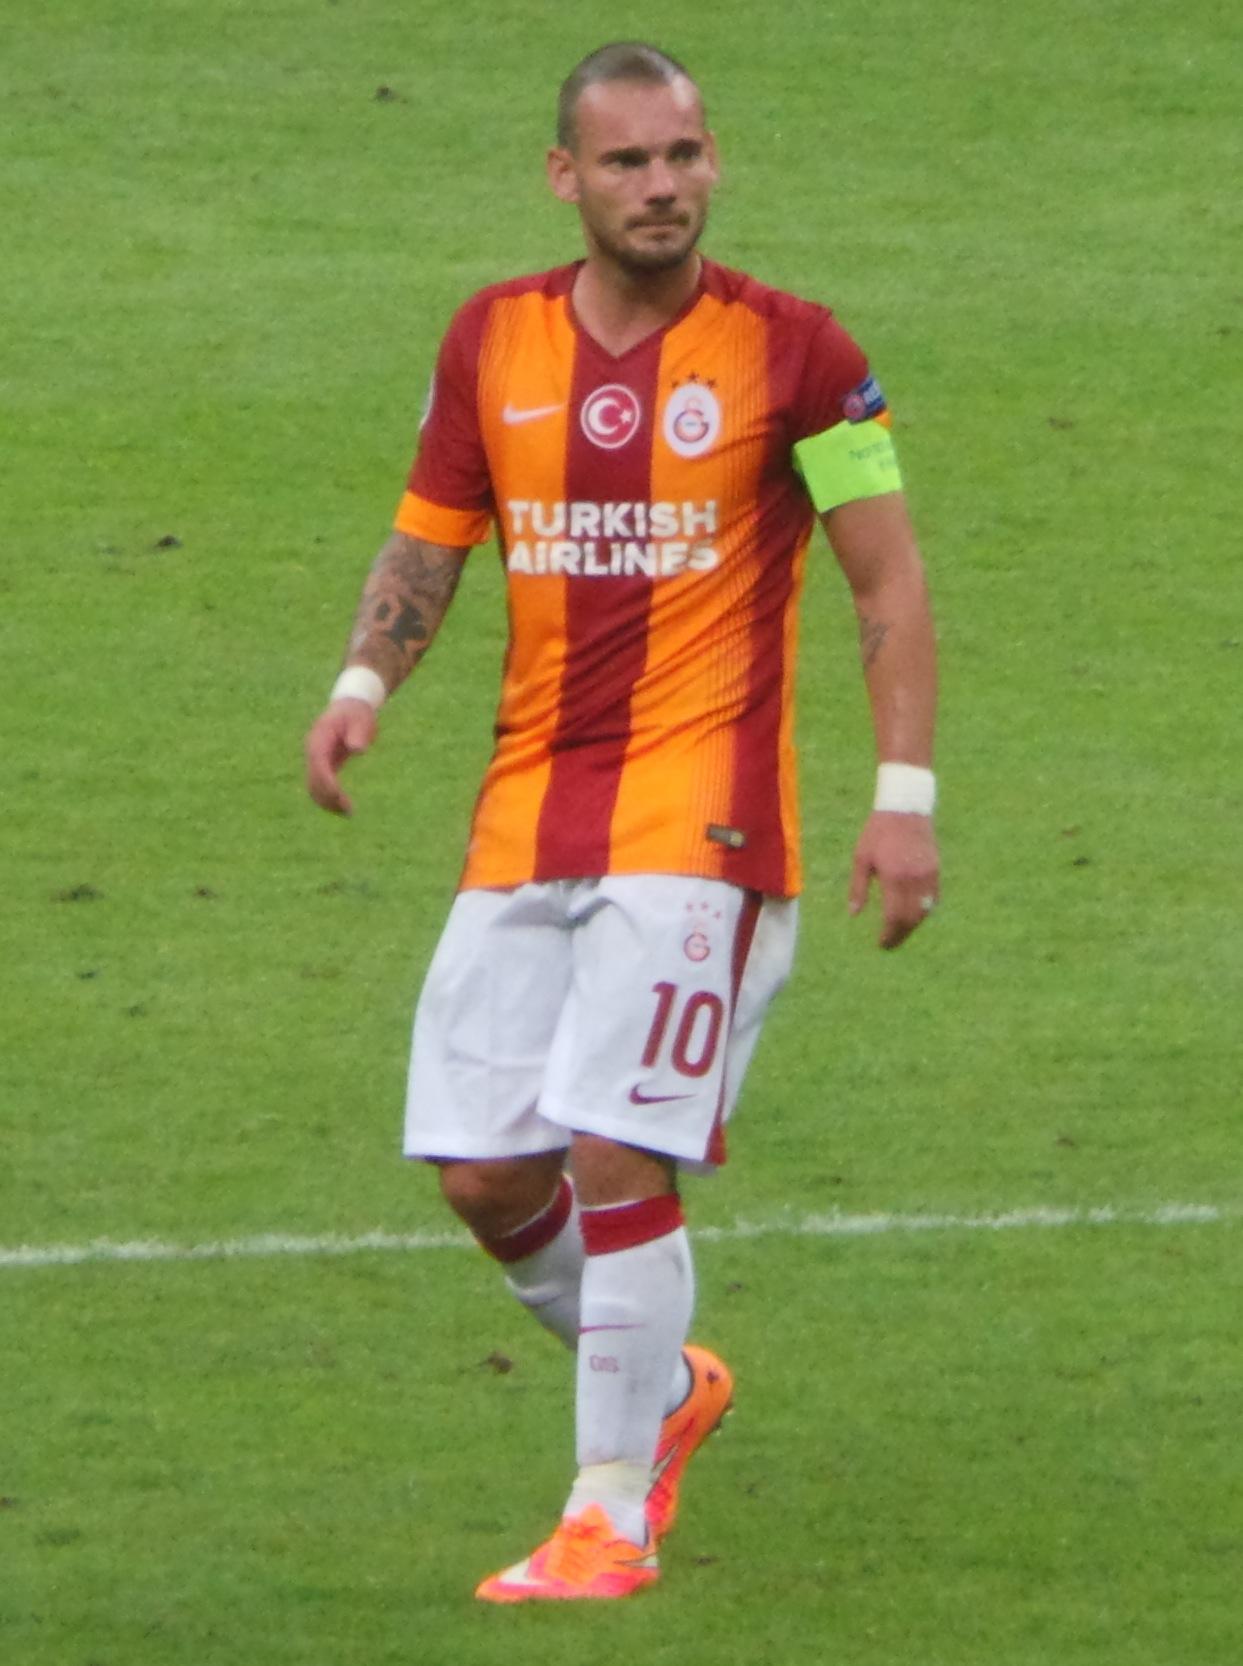 Carles Puyol - Barselona nın kalıcı kaptanı 85